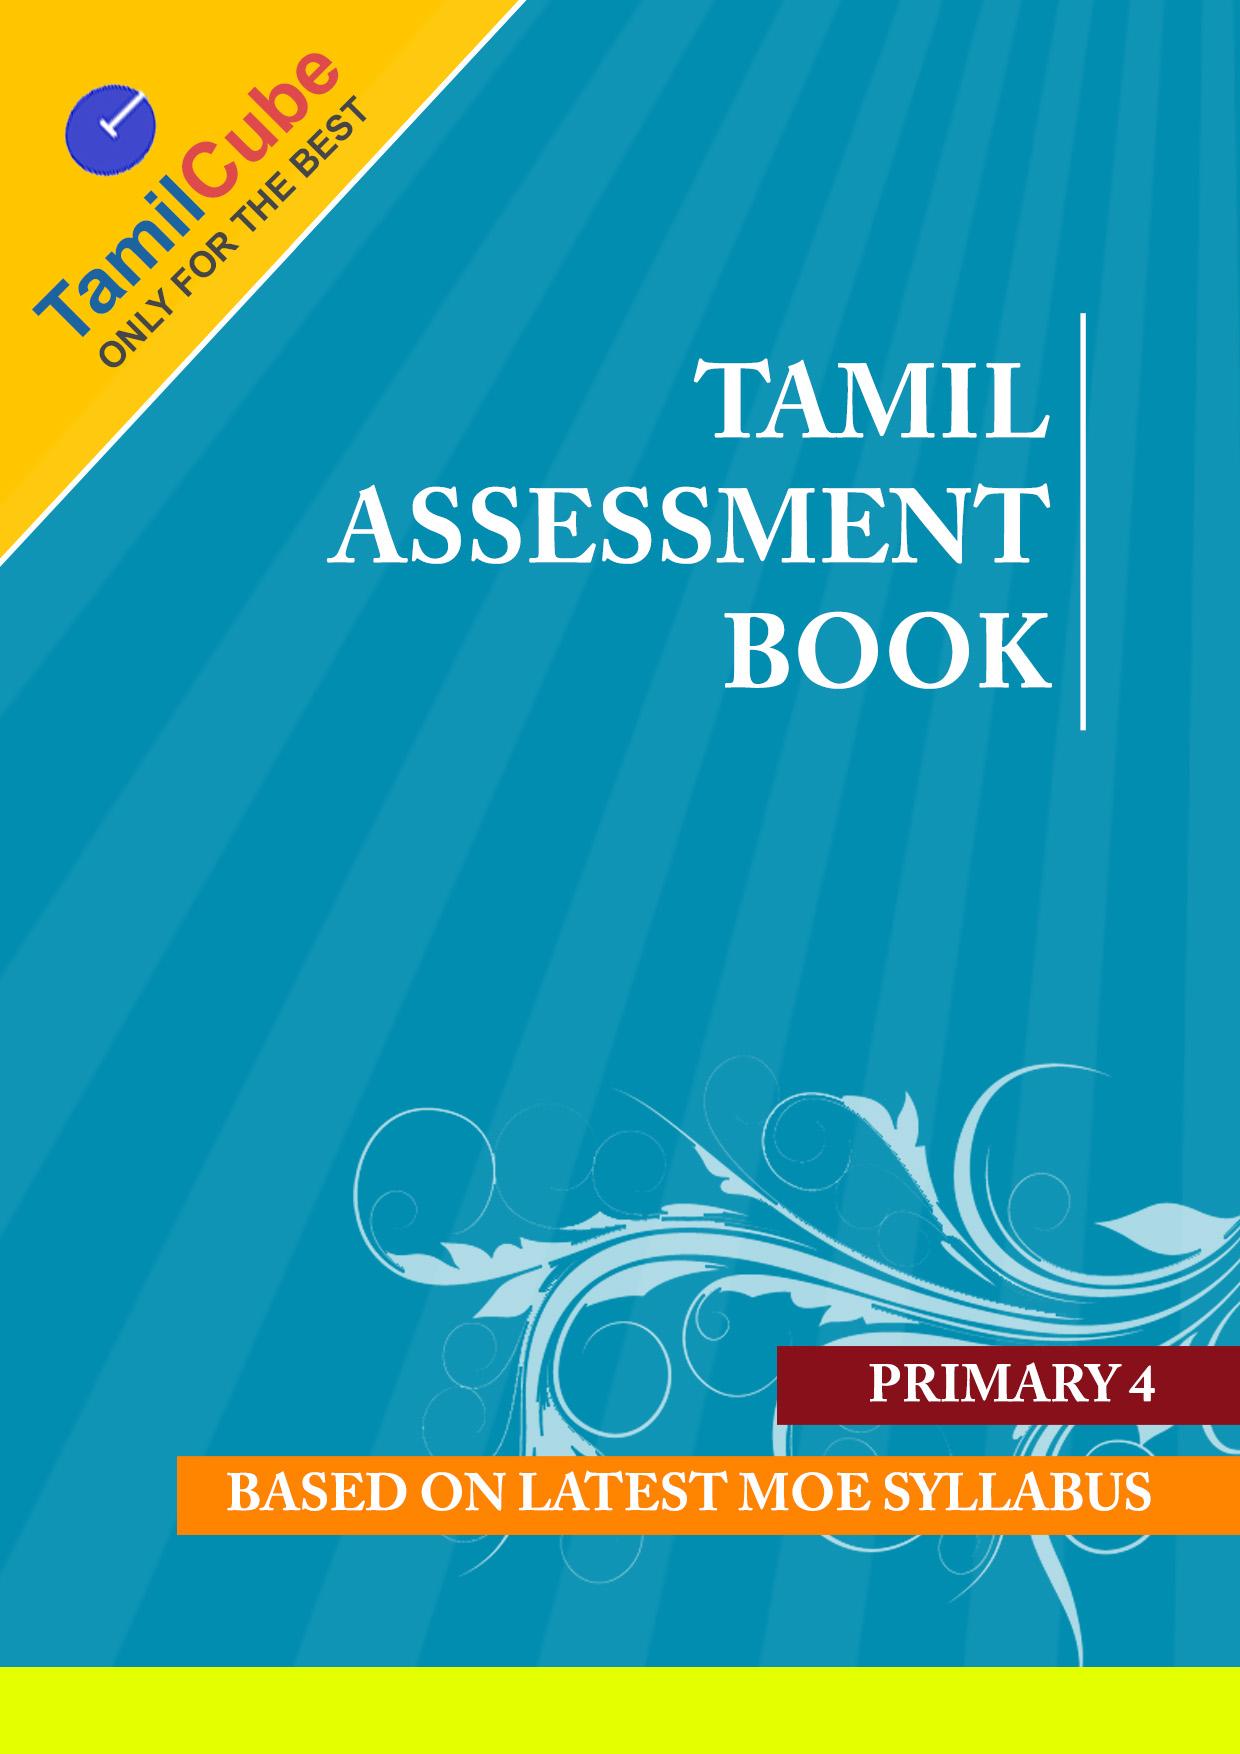 Tamilcube Primary 4 Tamil Assessment Book